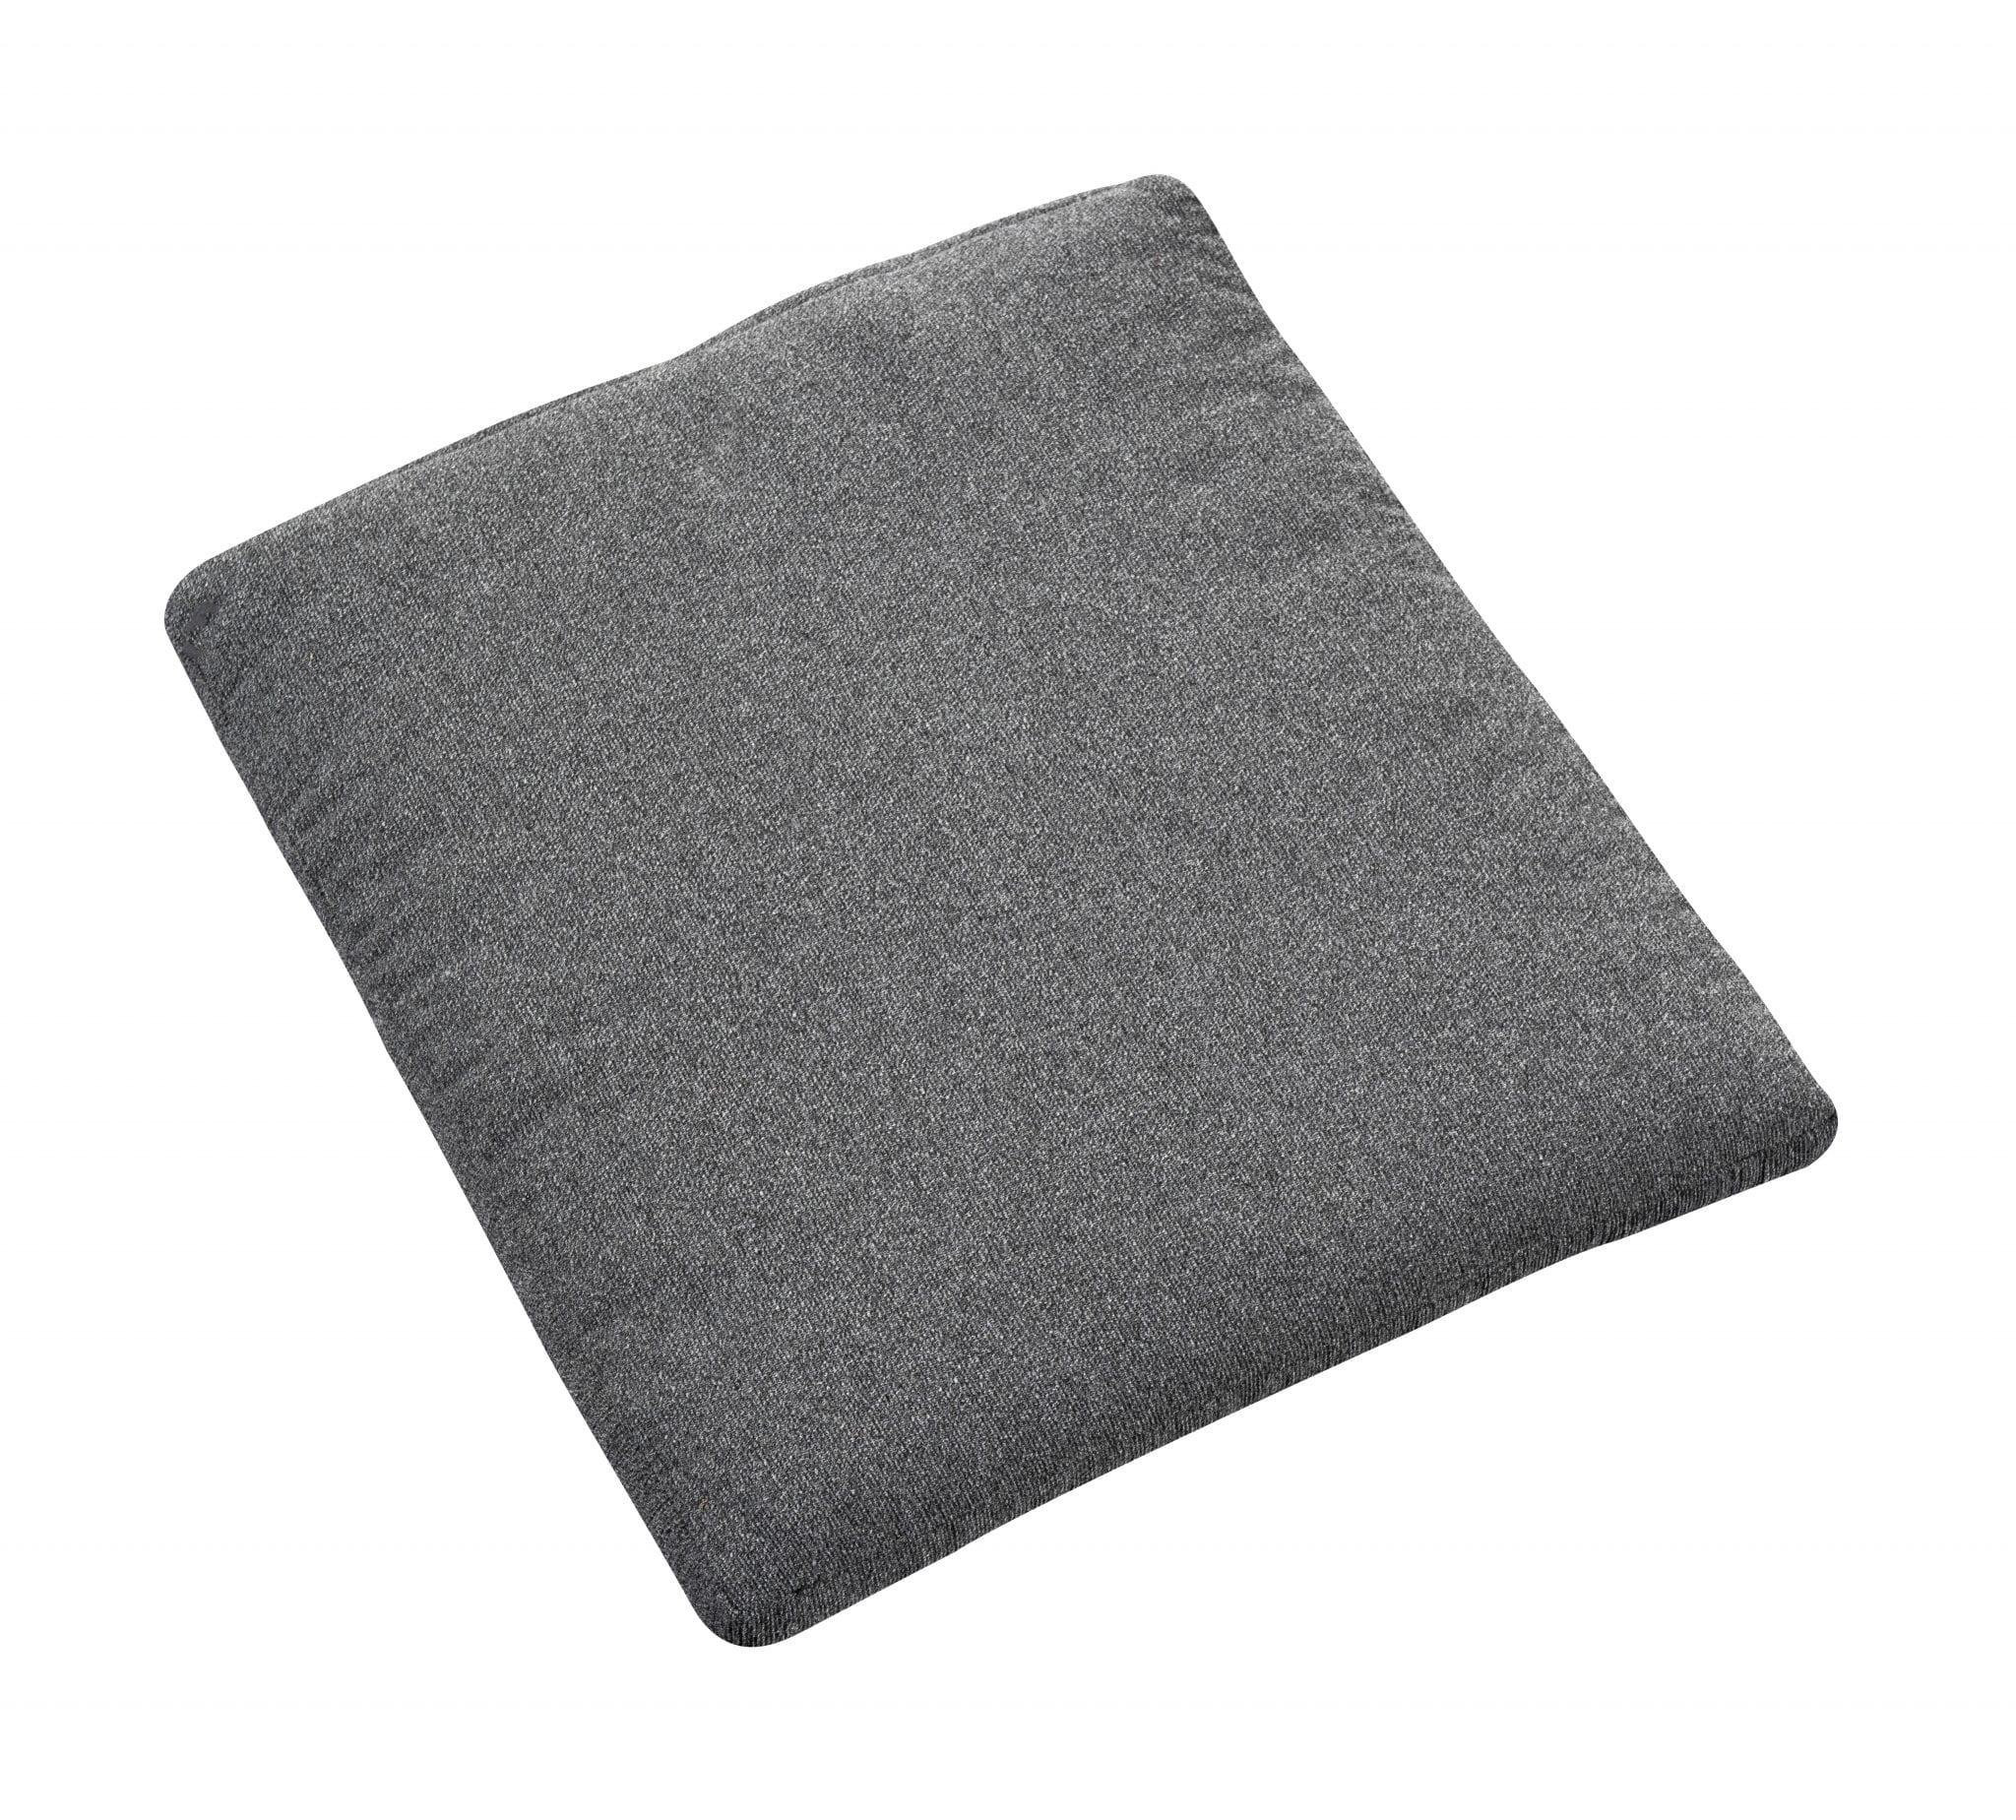 Ishis seat cusion | YOI Furniture